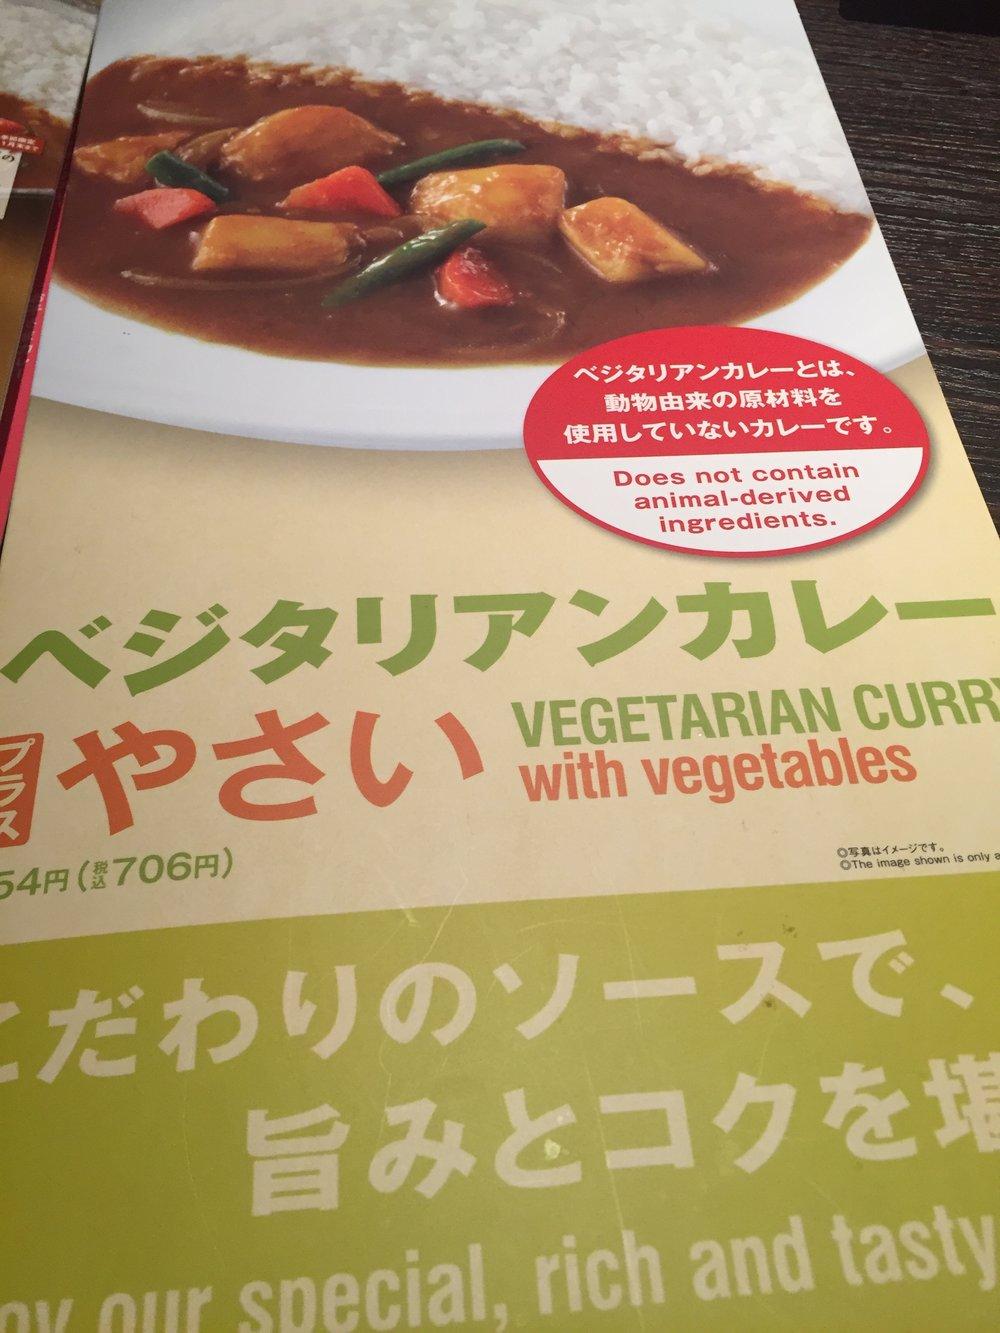 Coco Ichibanya Curry in Japan, vegan menu & vegetarian